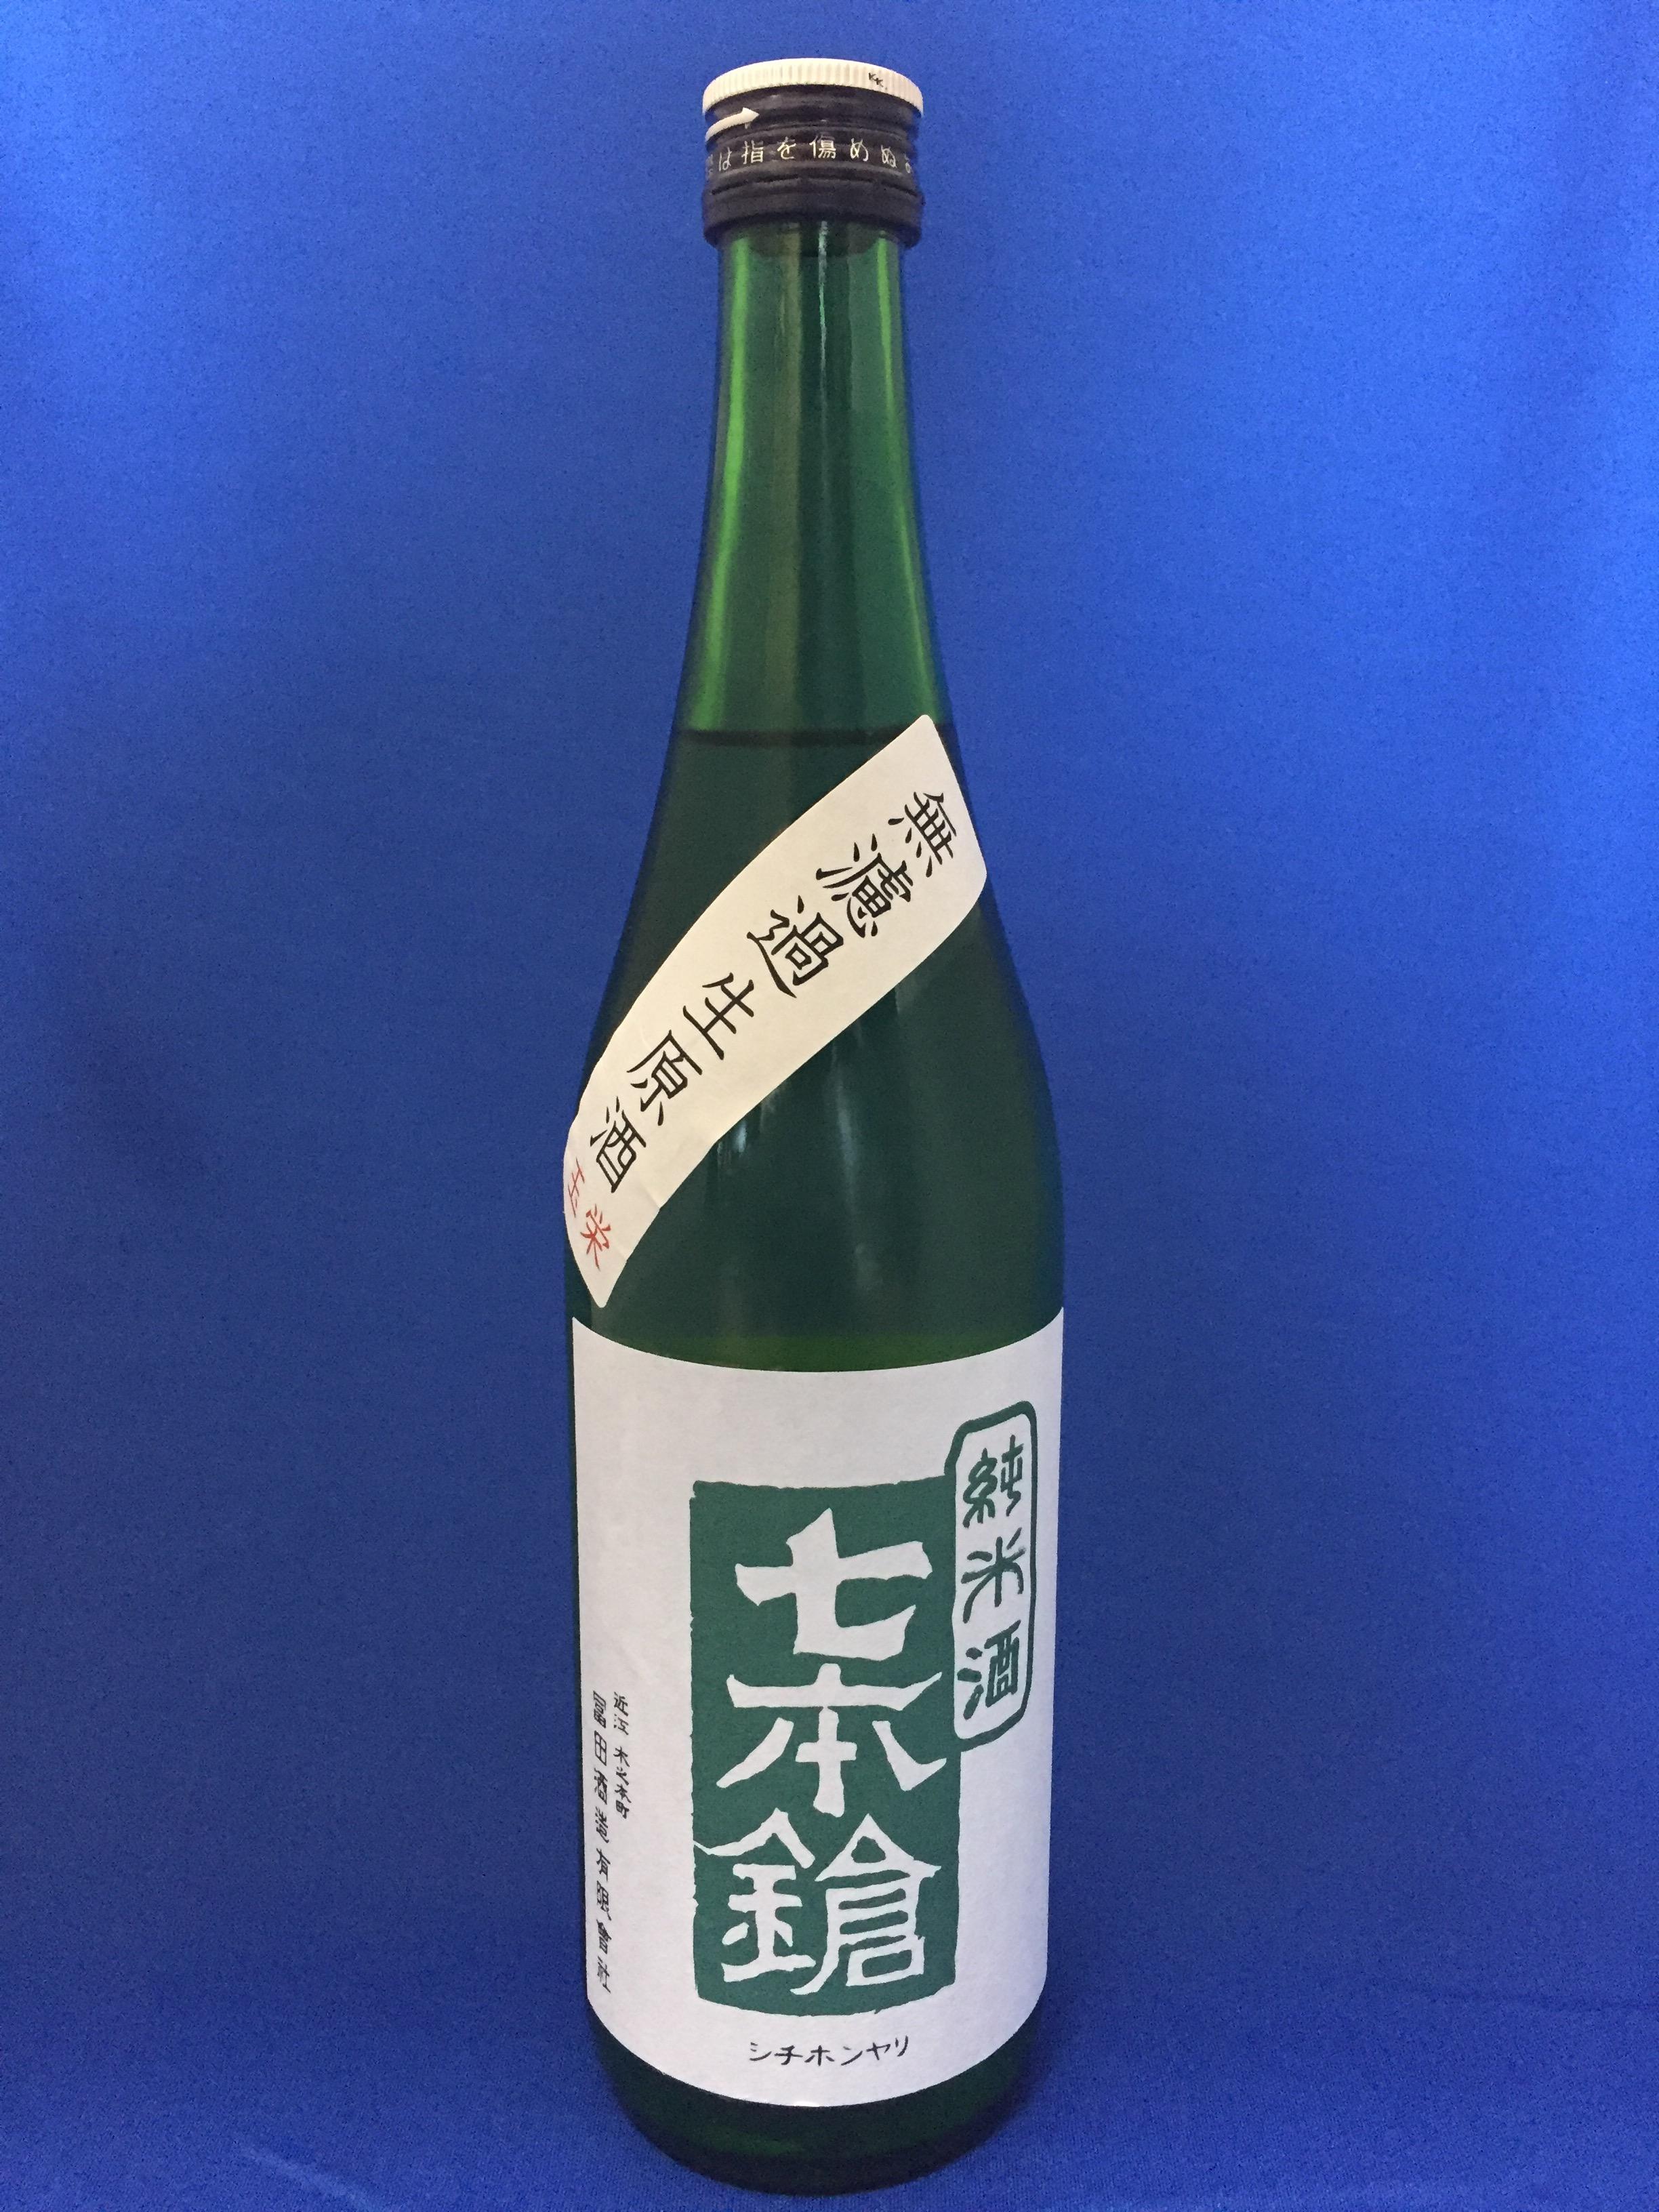 その名の由来は秀吉を天下人にのし上げた「賤ヶ岳の七本槍」!勝利の酒「七本鎗」を飲む。